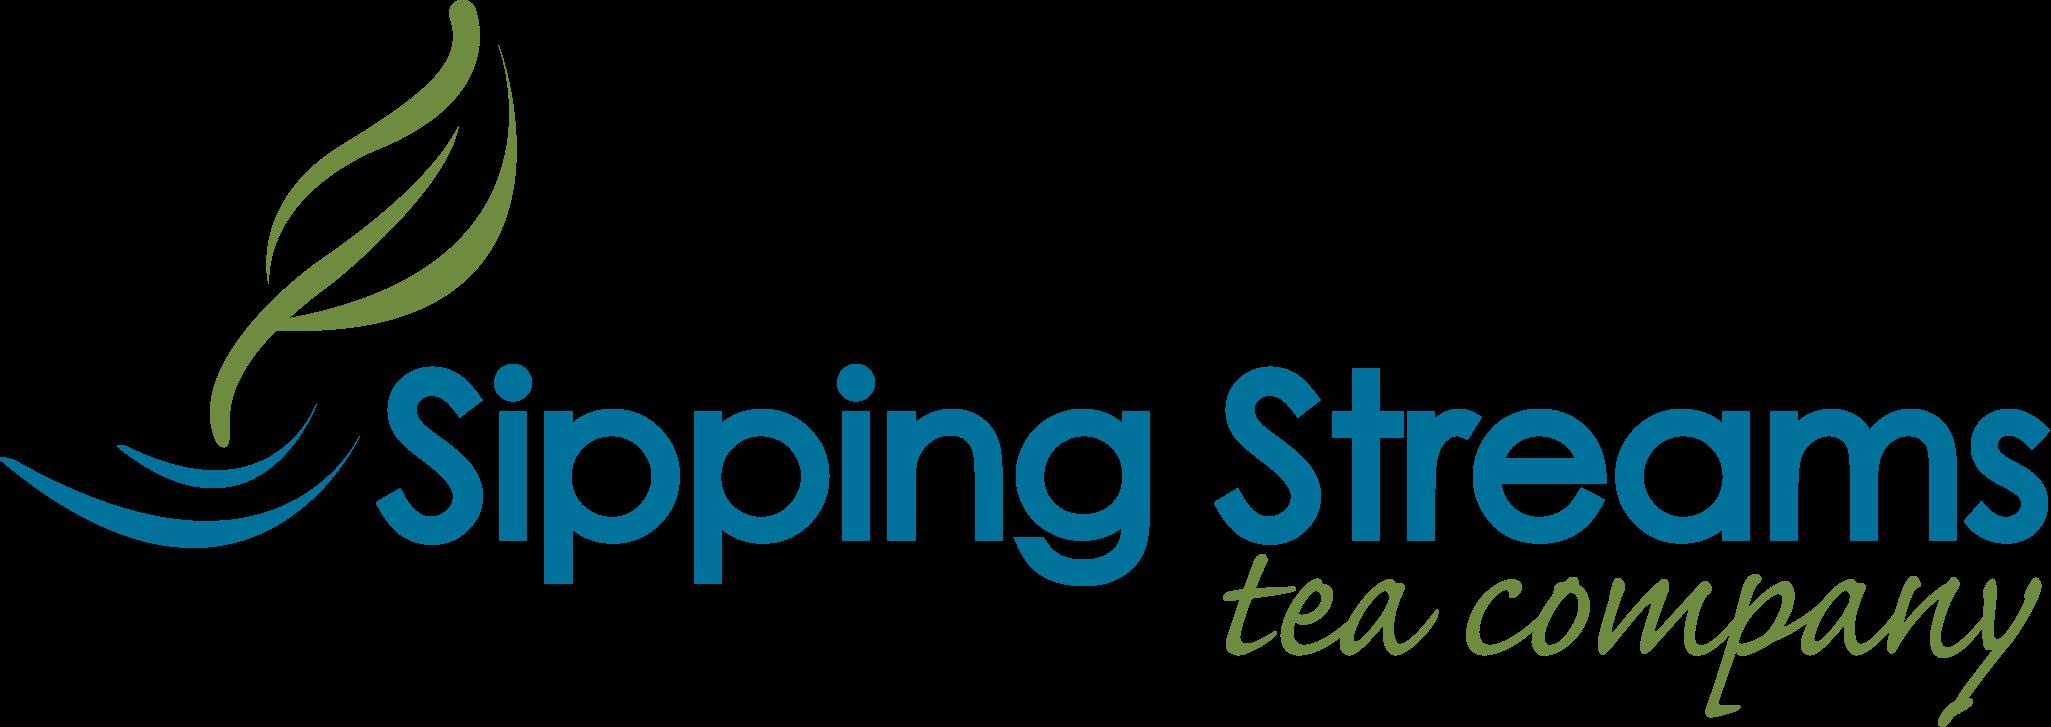 Sipping Streams Tea Company